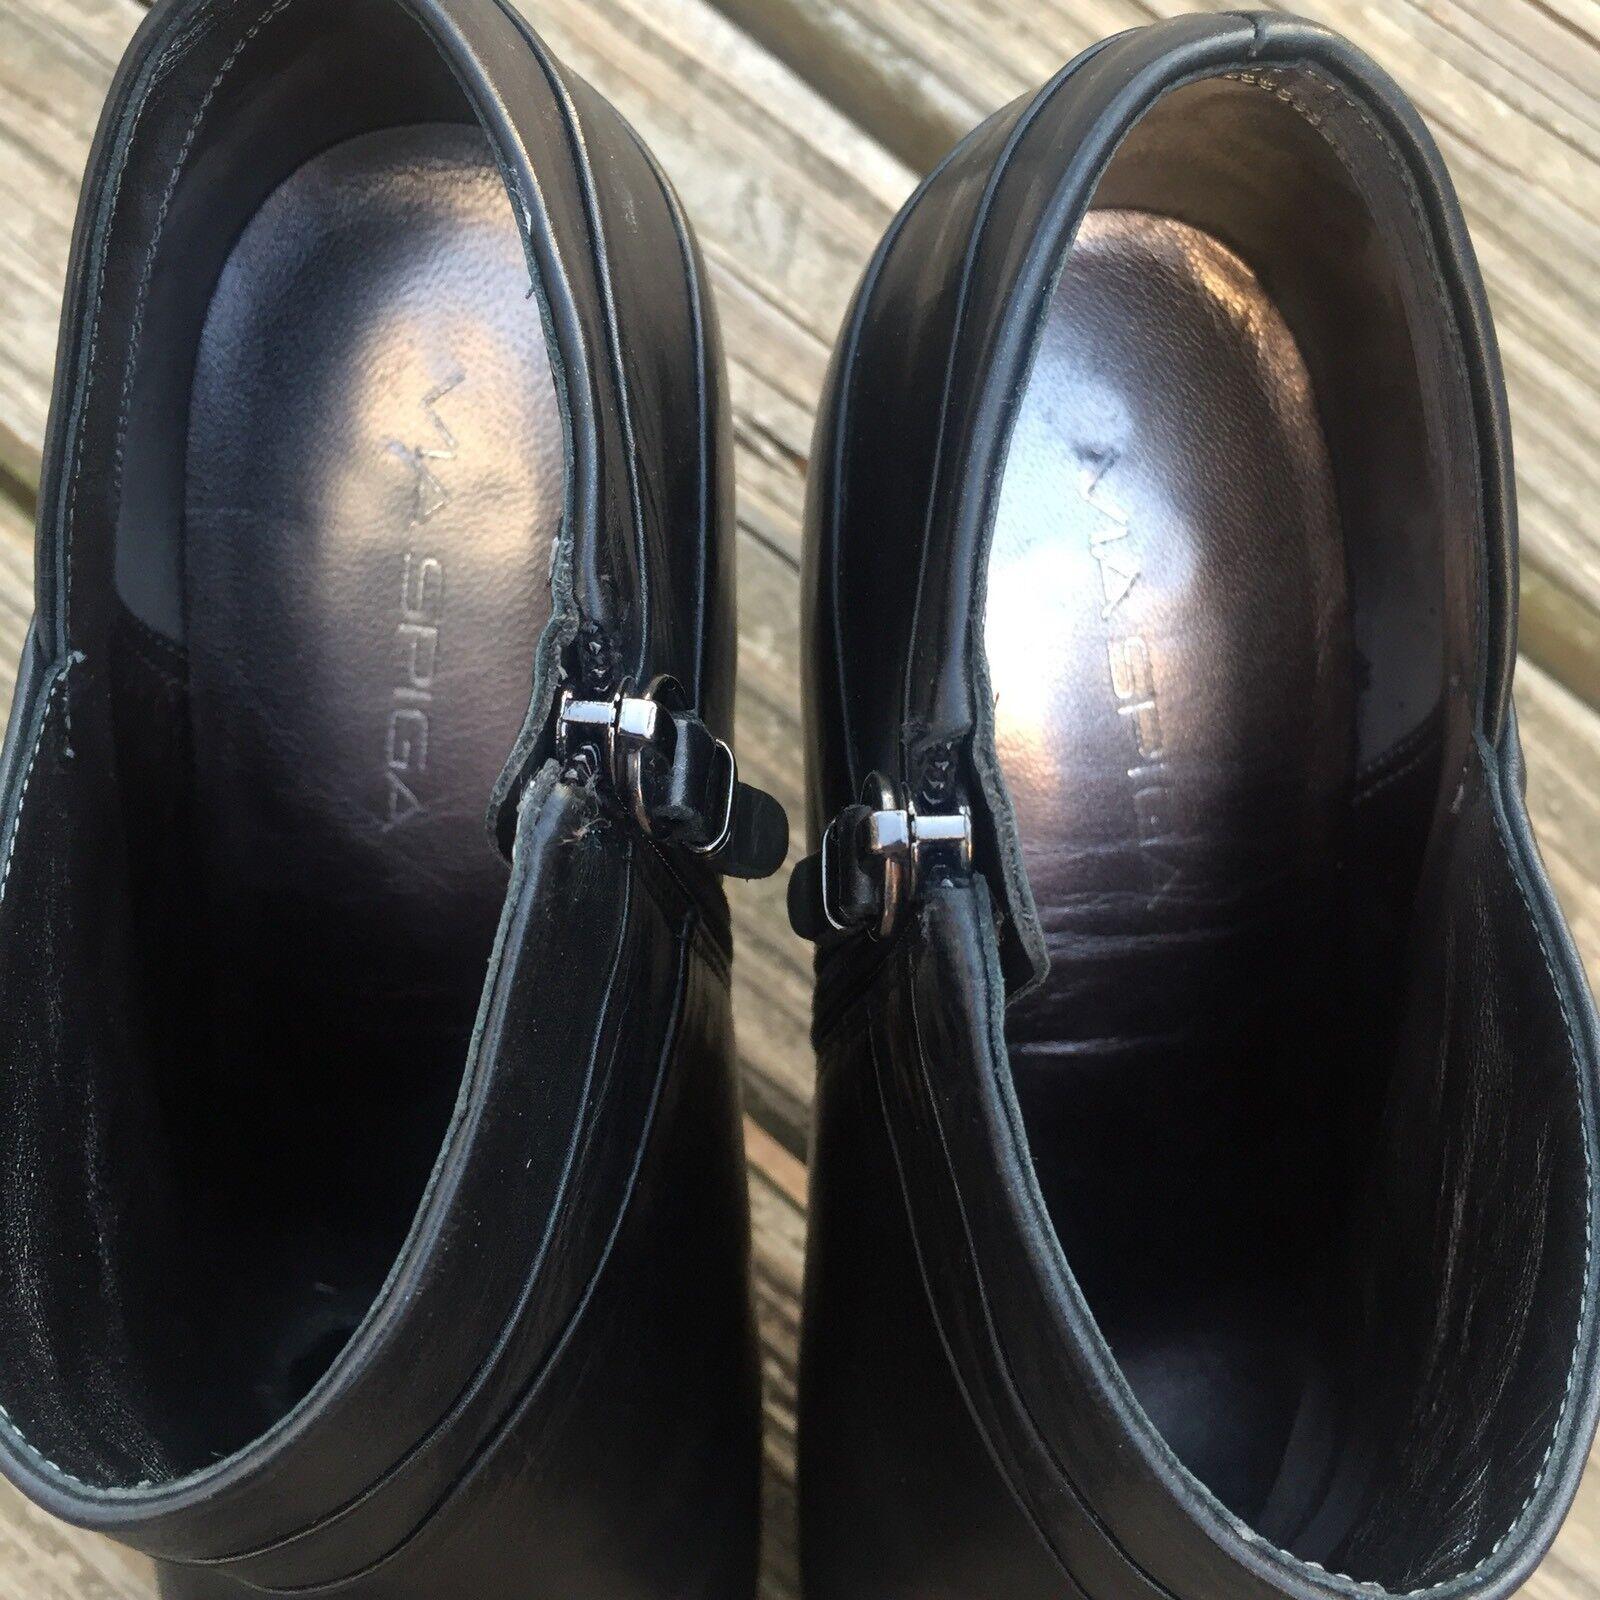 Via Spiga Spiga Spiga Women Black Booties Ankle Boots Leather Heel  Size 8.5 Zip Up EUC c82abd